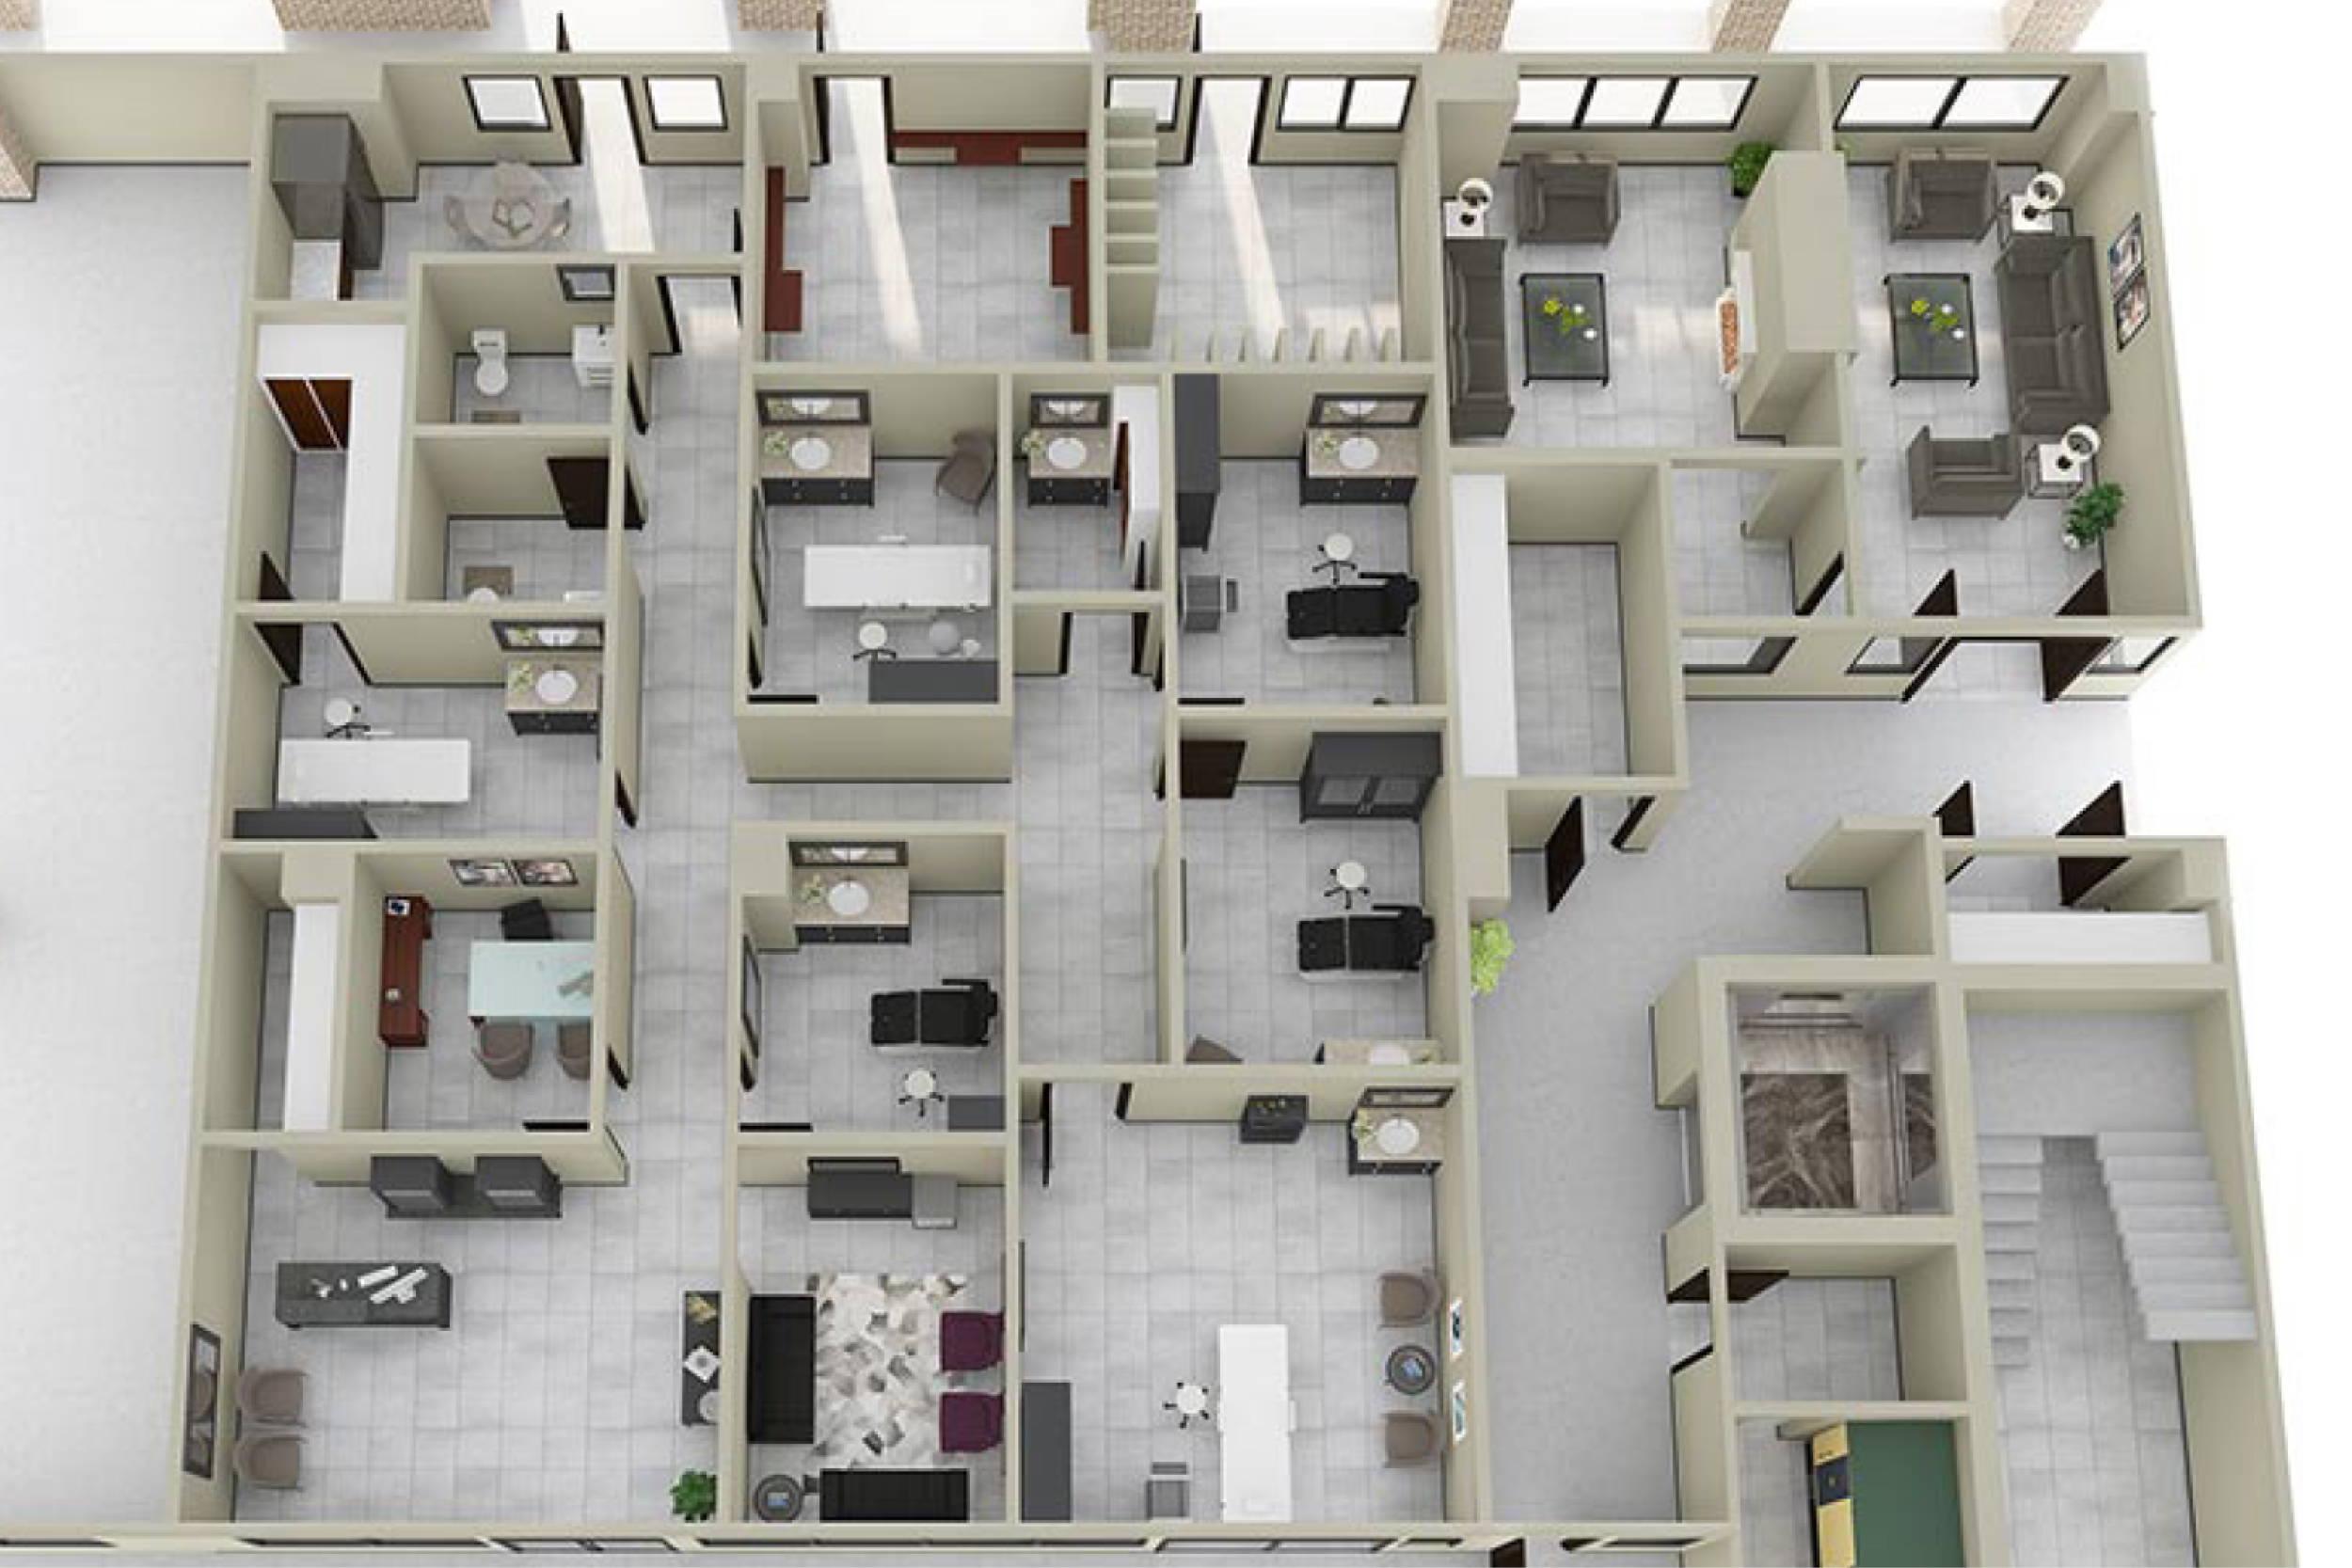 3D Floor Plans: Professional Floor Plan